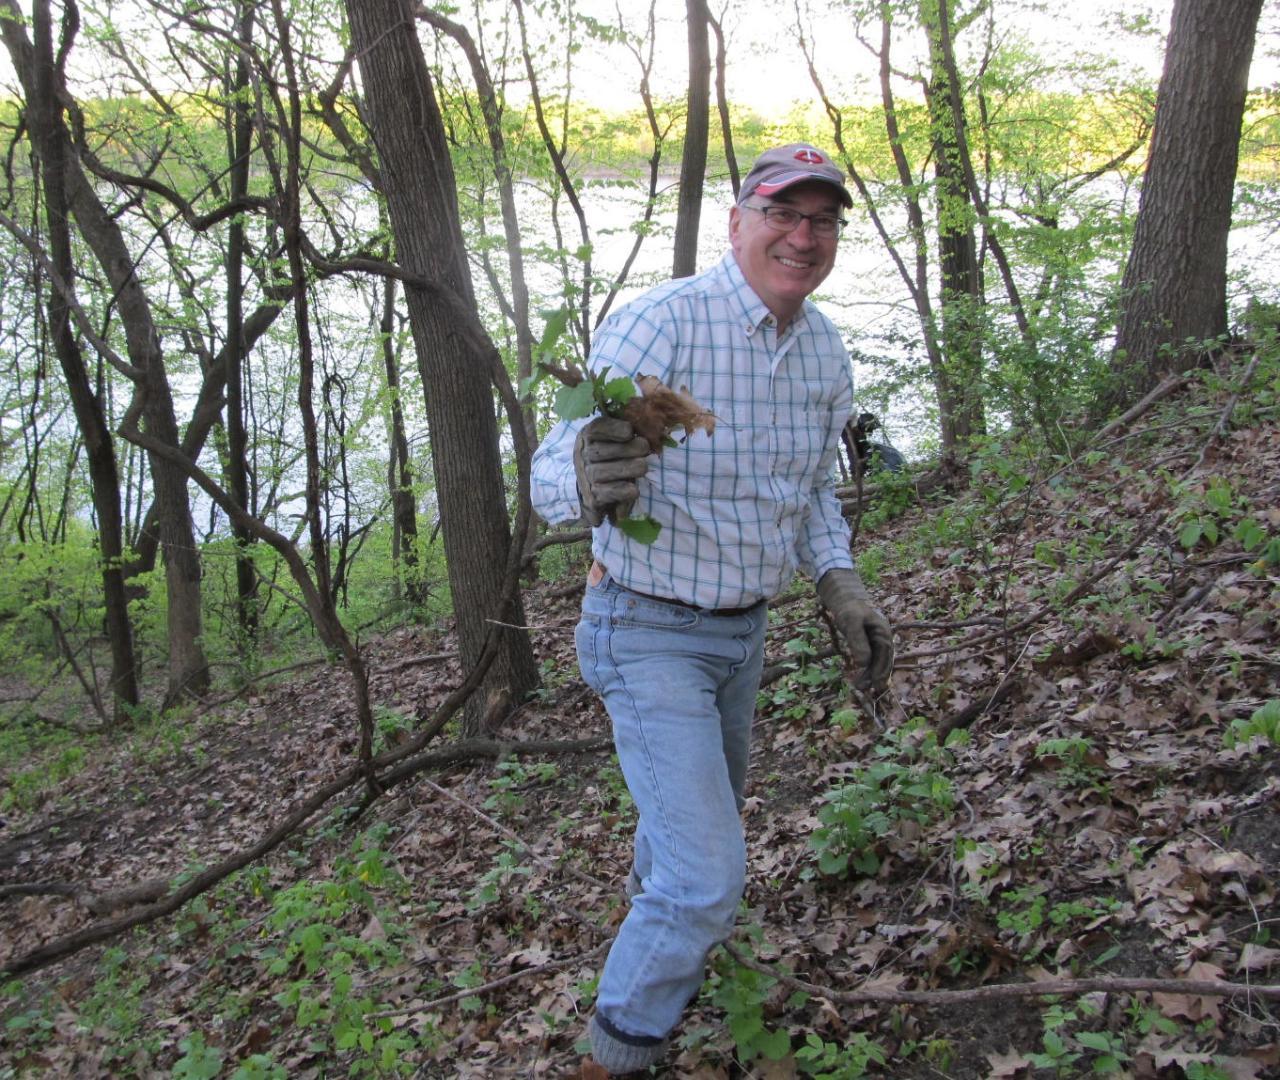 Volunteer removing garlic mustard at Pine Bend